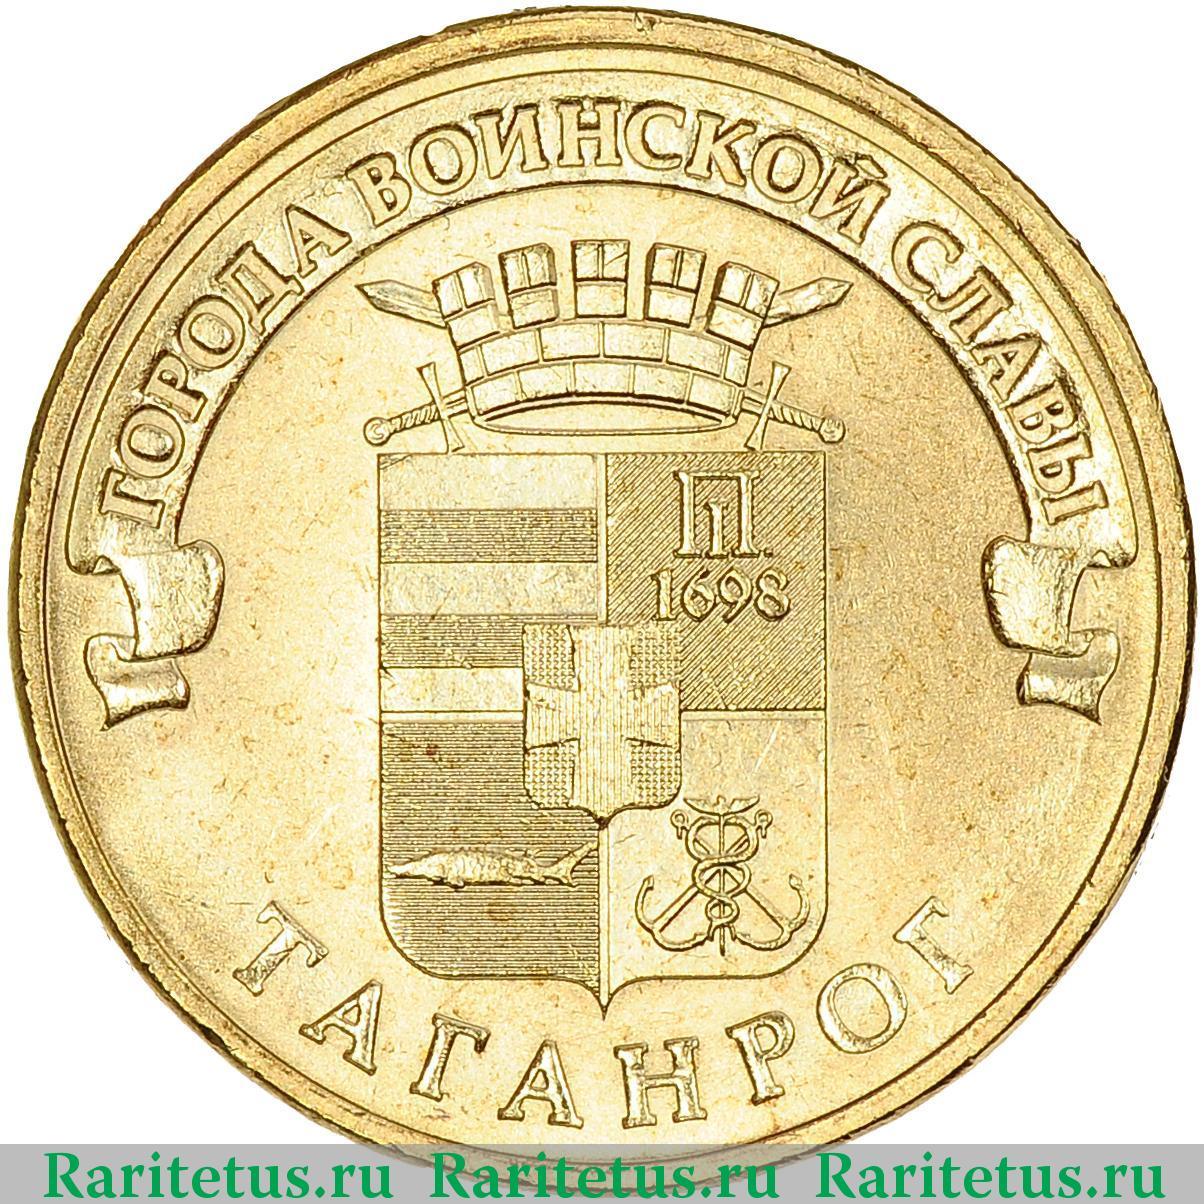 Куплю монеты колпино моисеева татьяна ногинск